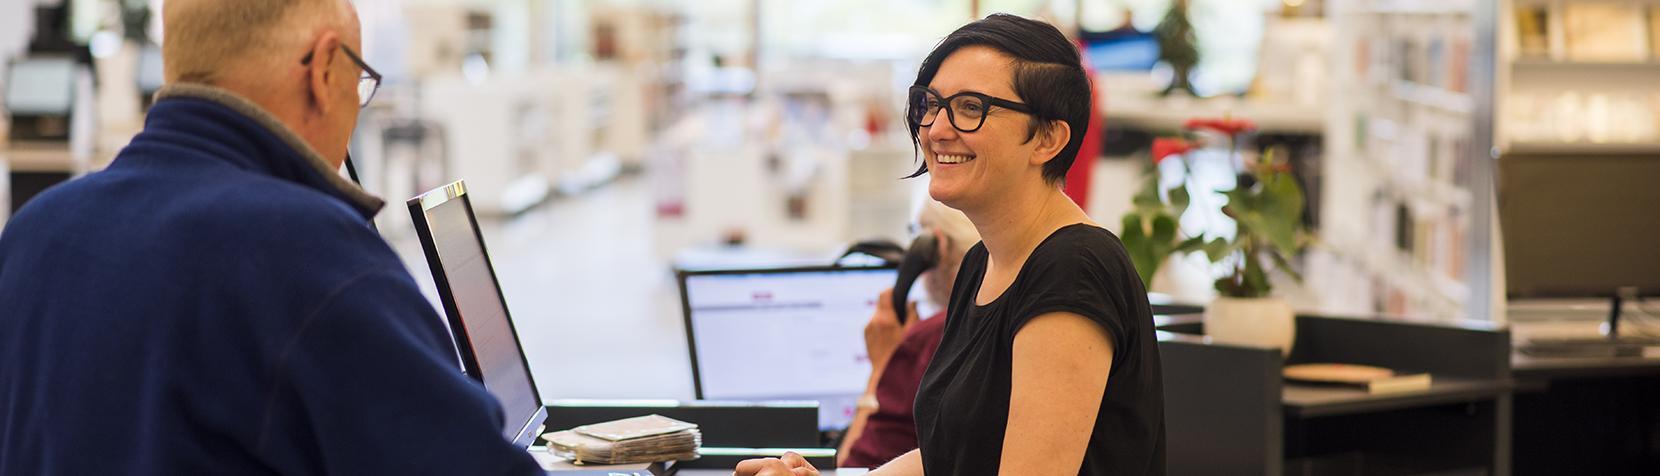 Bibliotekar hjælper kunde ved skranken